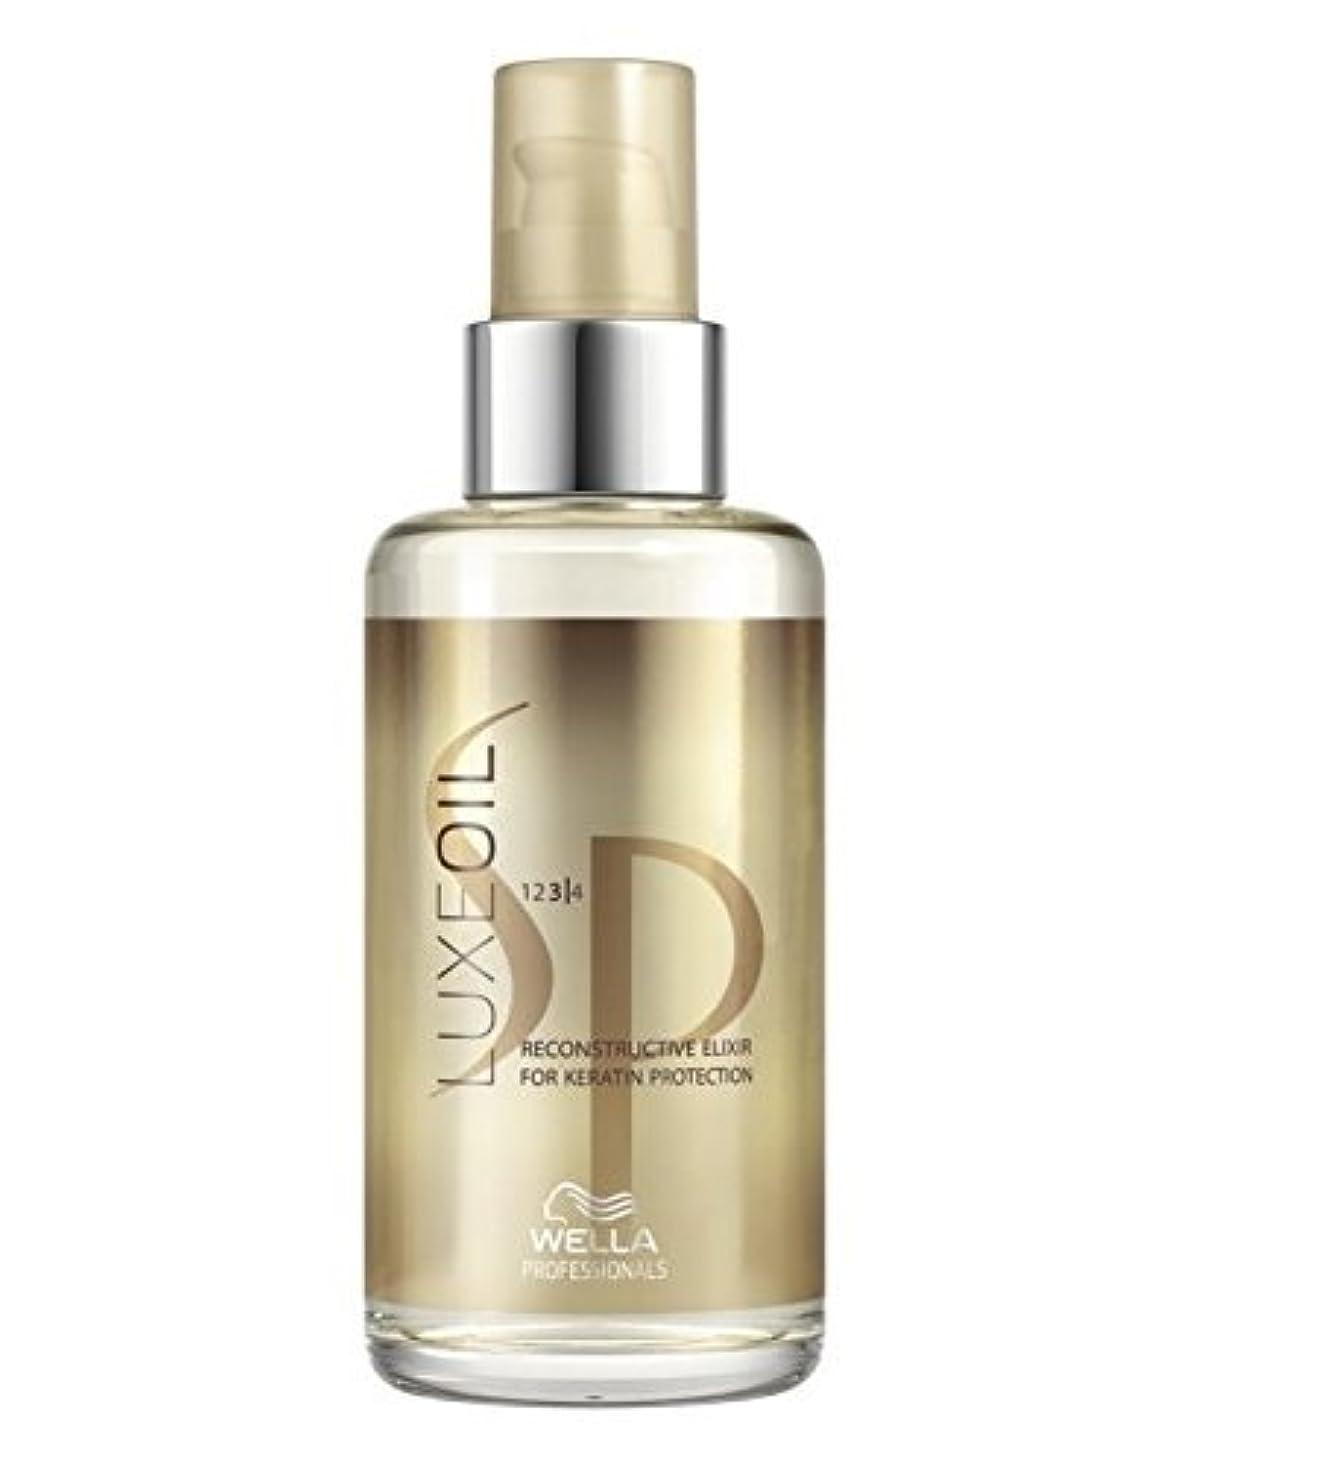 外部常にプレフィックスSP by Wella Luxe Hair Oil Reconstructive Elixir 100ml by Wella [並行輸入品]